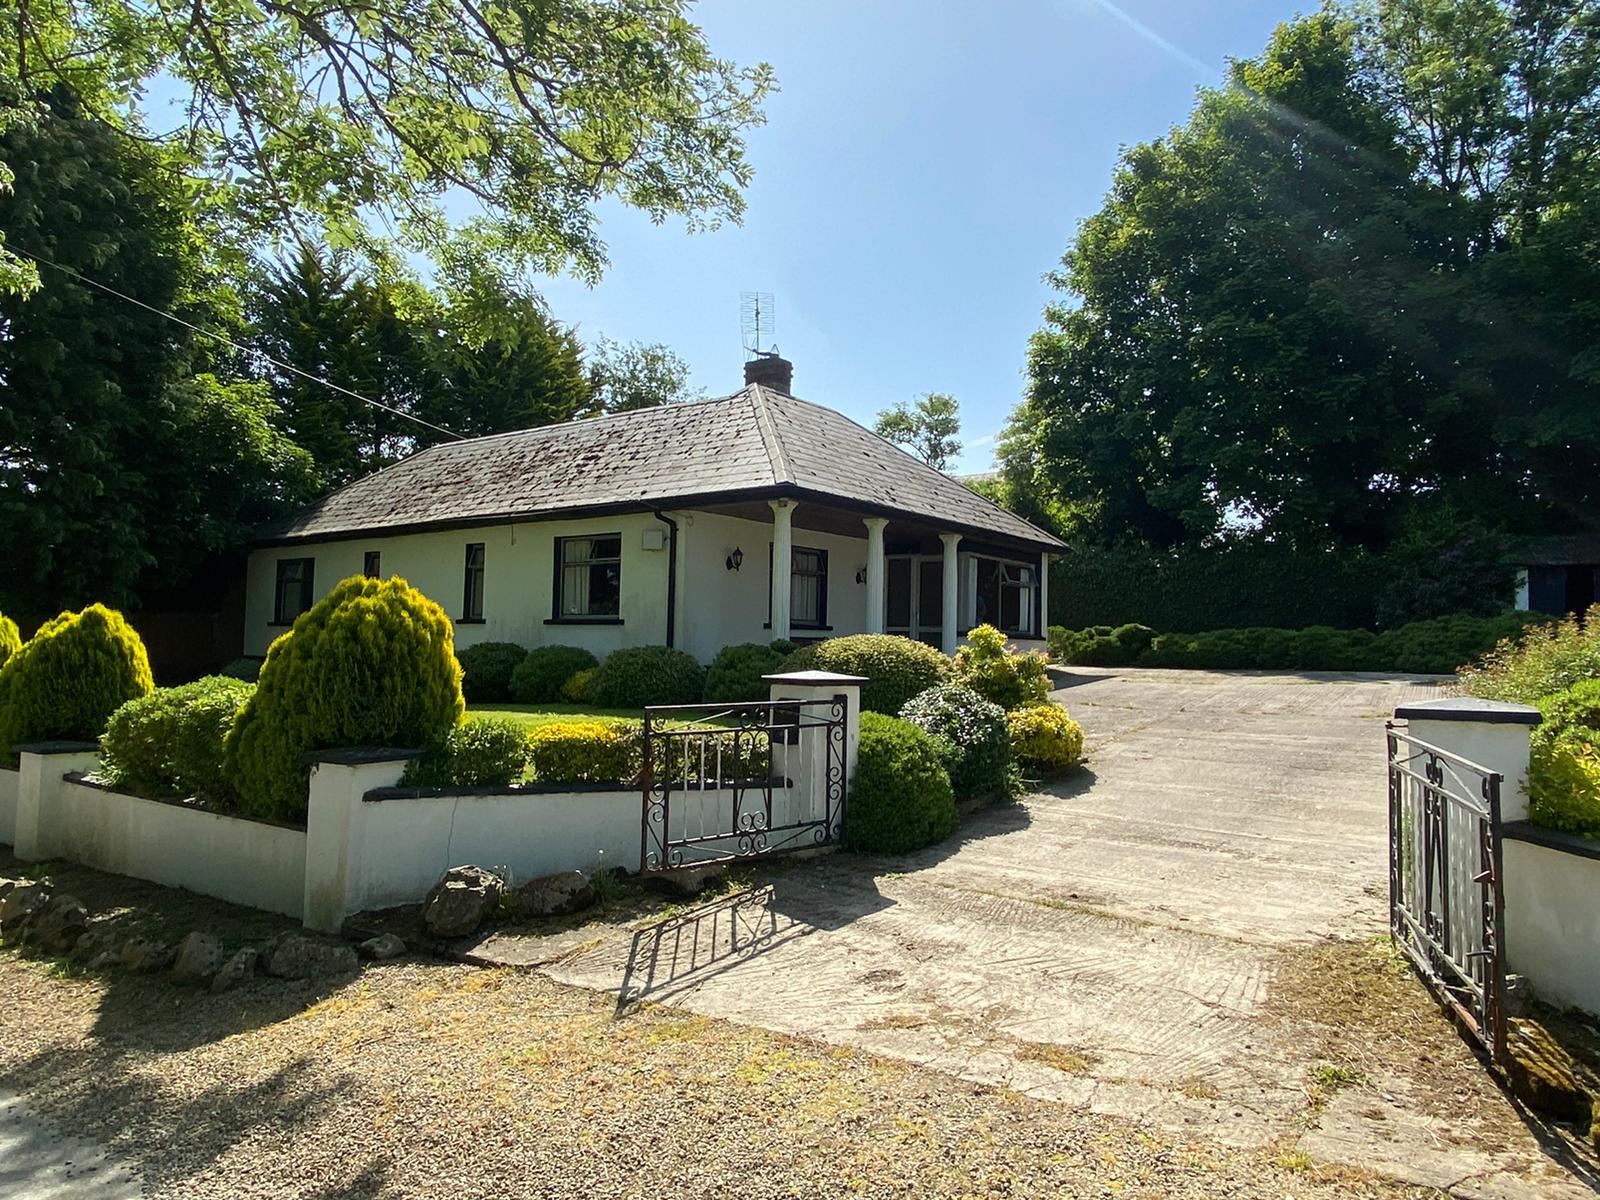 Ballinavary, Davidstown, Enniscorthy, Co. Wexford Y21 YW31